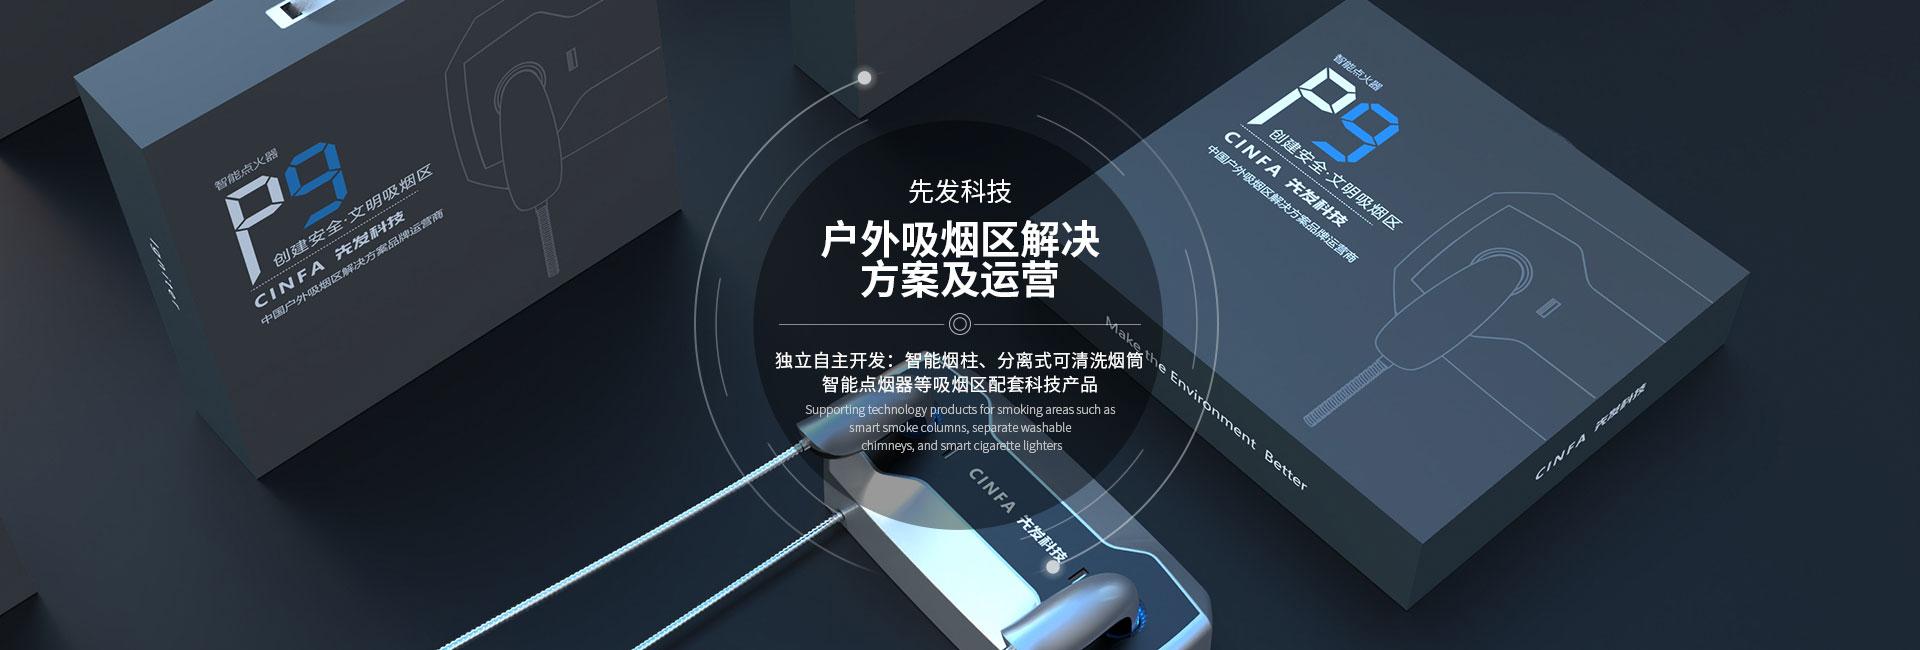 浙江先发科技有限公司